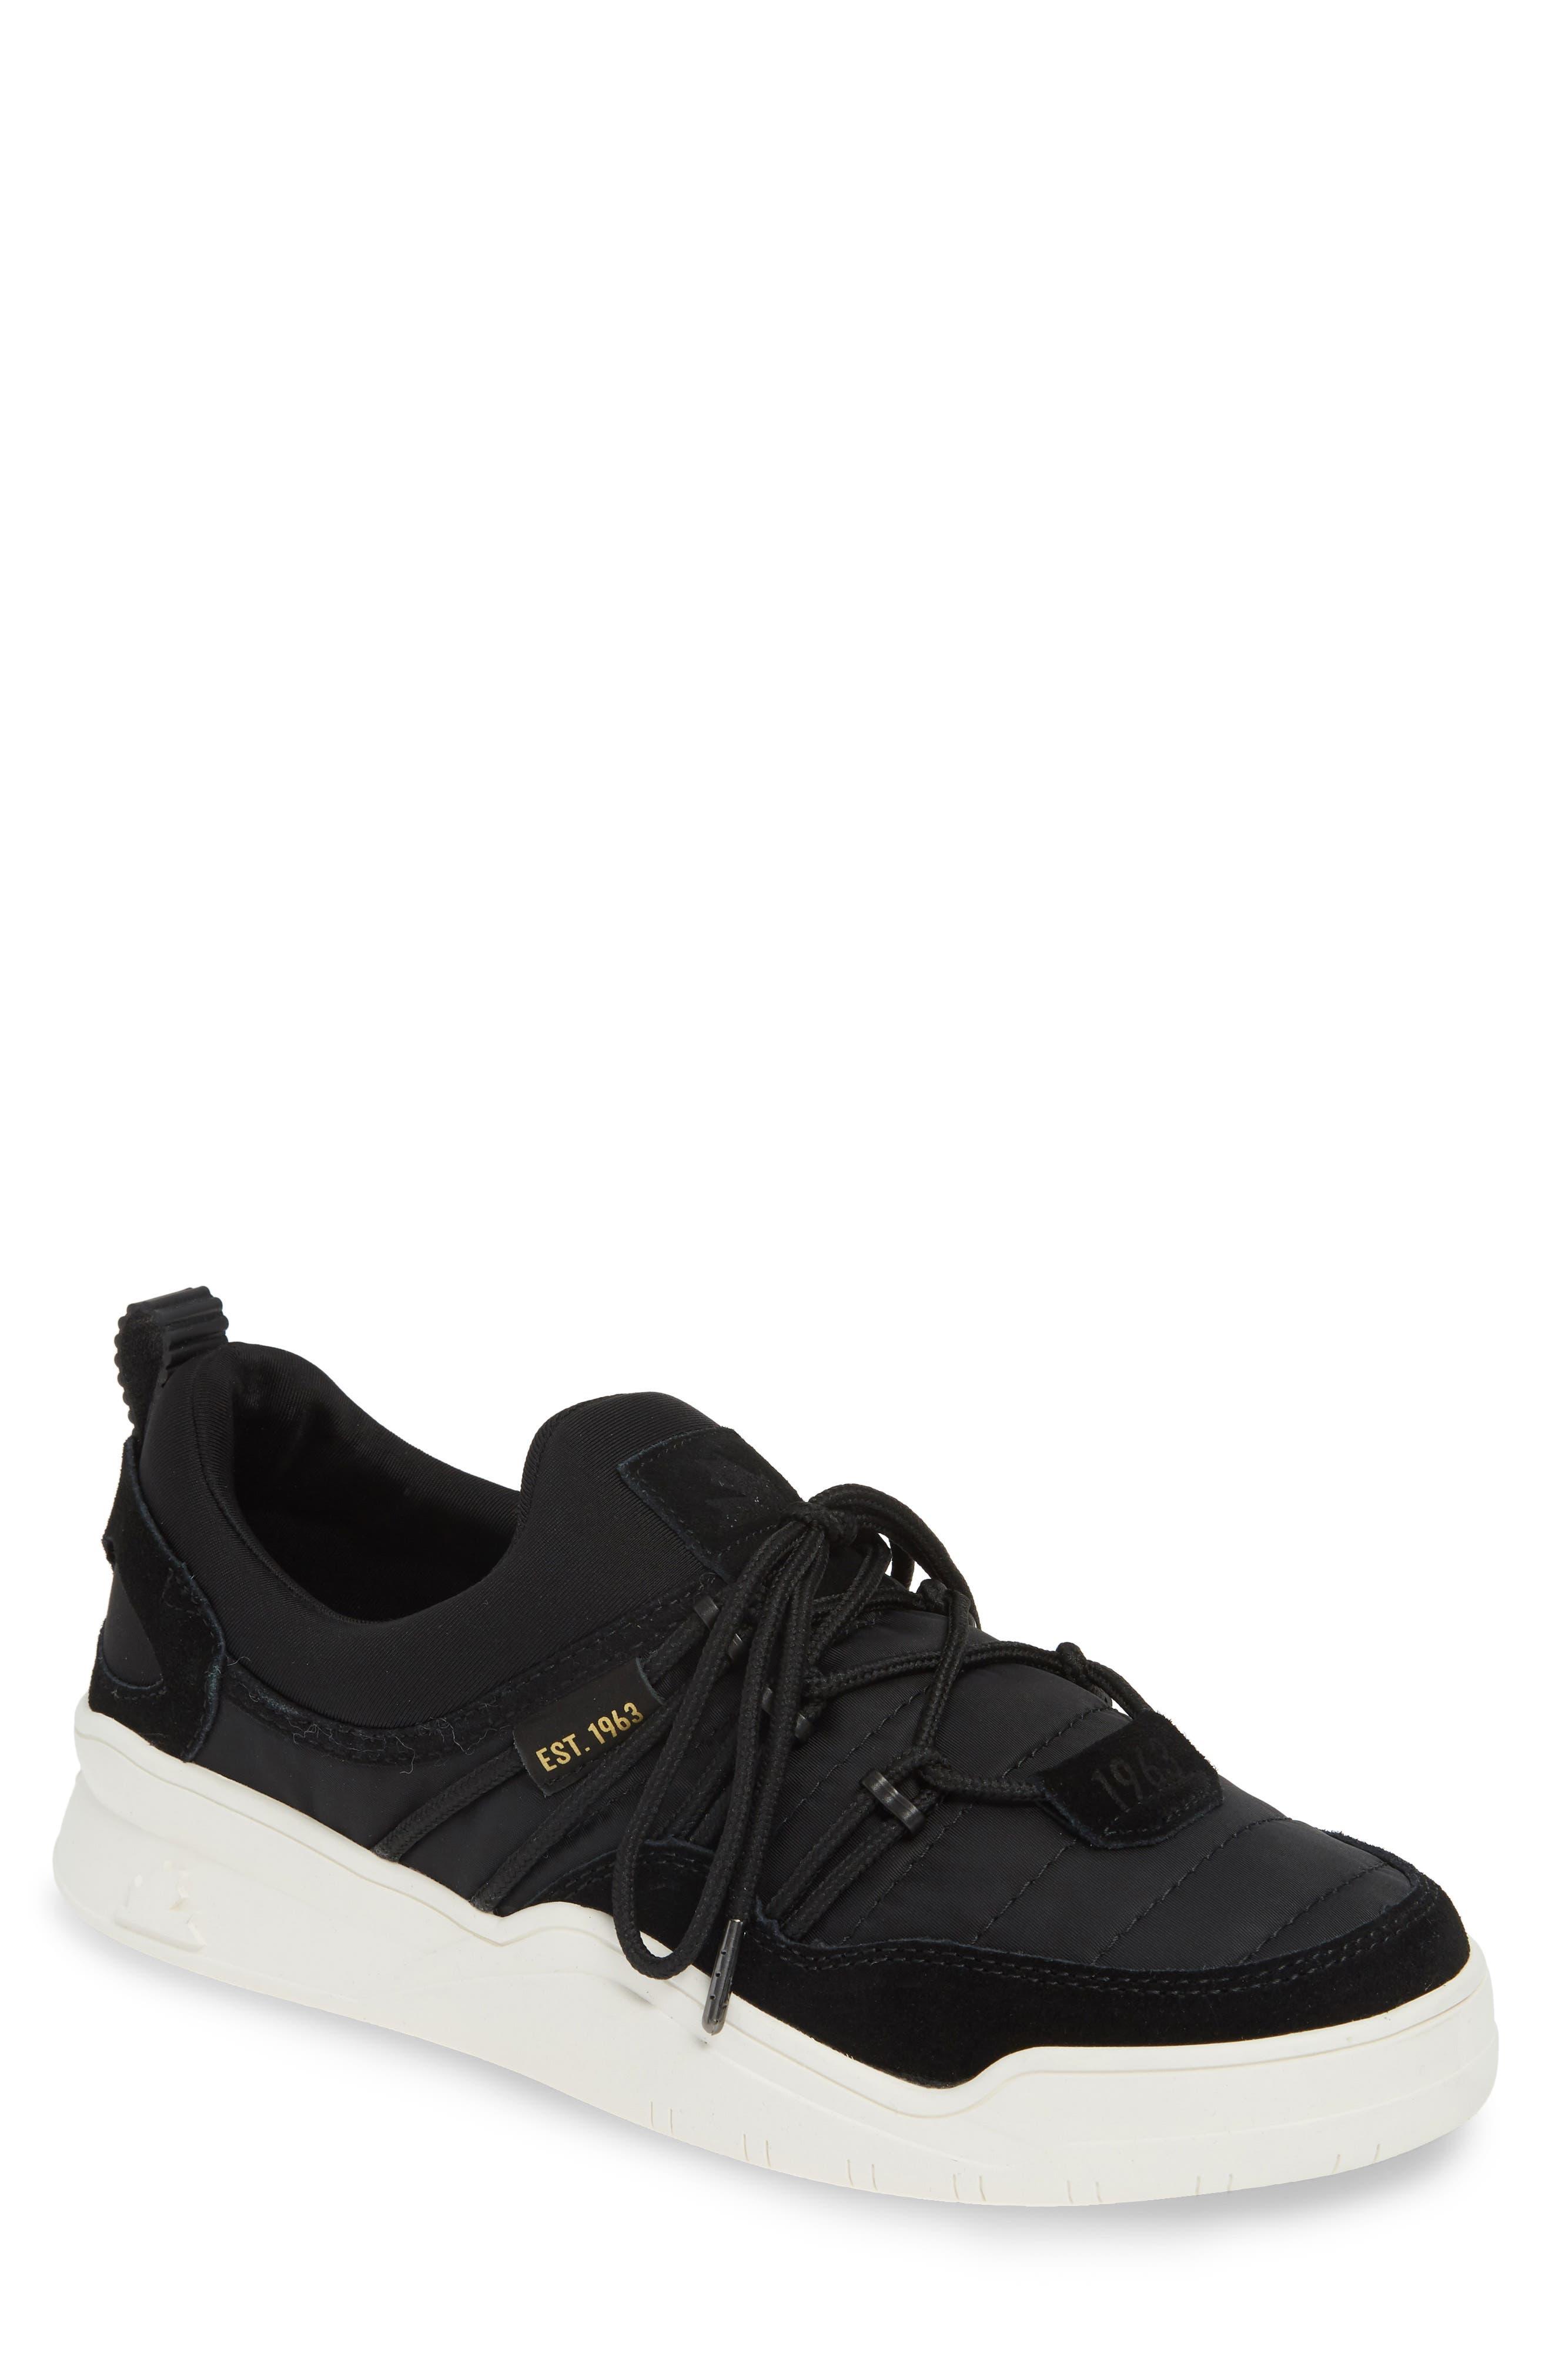 Pajar Pierce Sneaker, Black